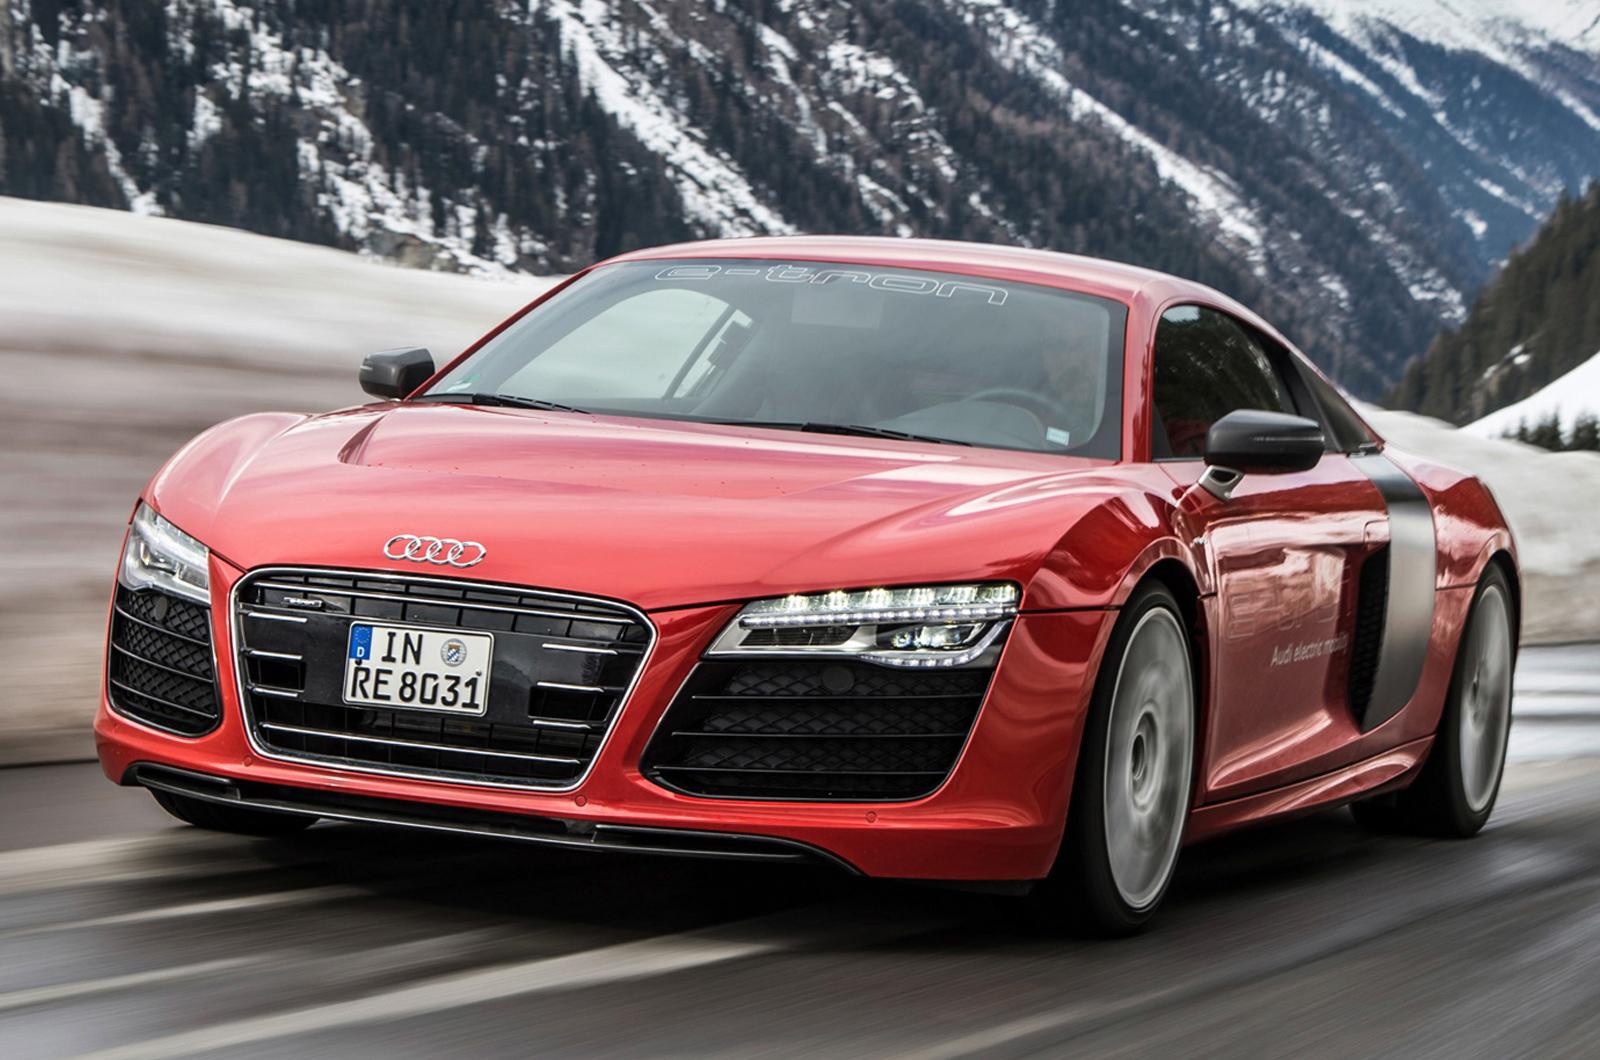 Kelebihan Audi R8 Etron Perbandingan Harga